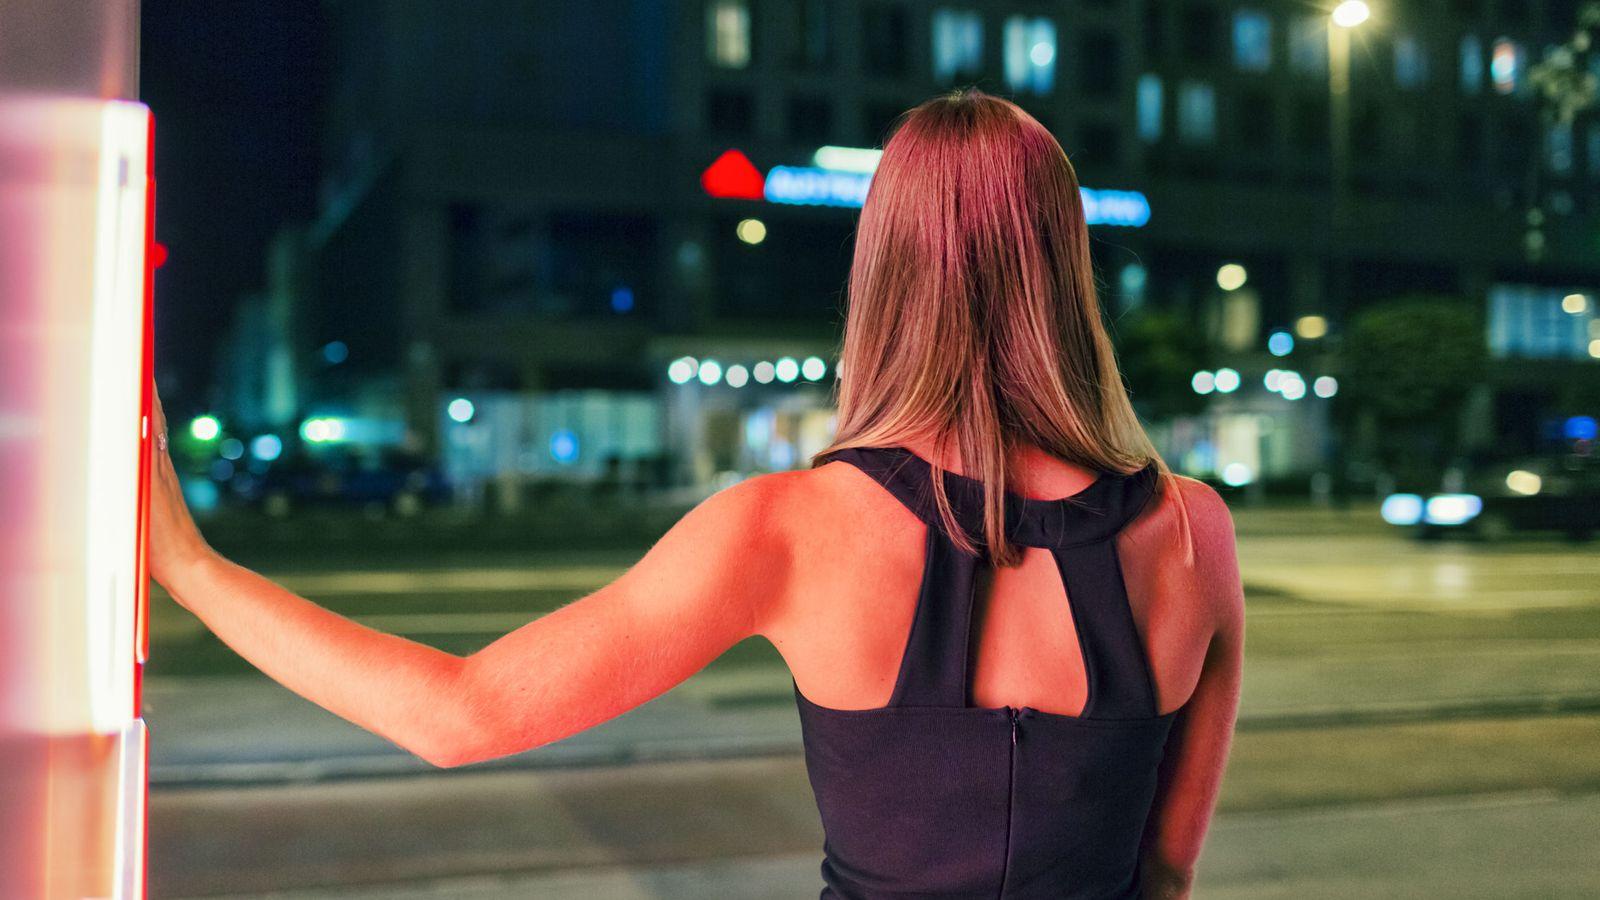 peliculas españolas prostitutas series prostitutas